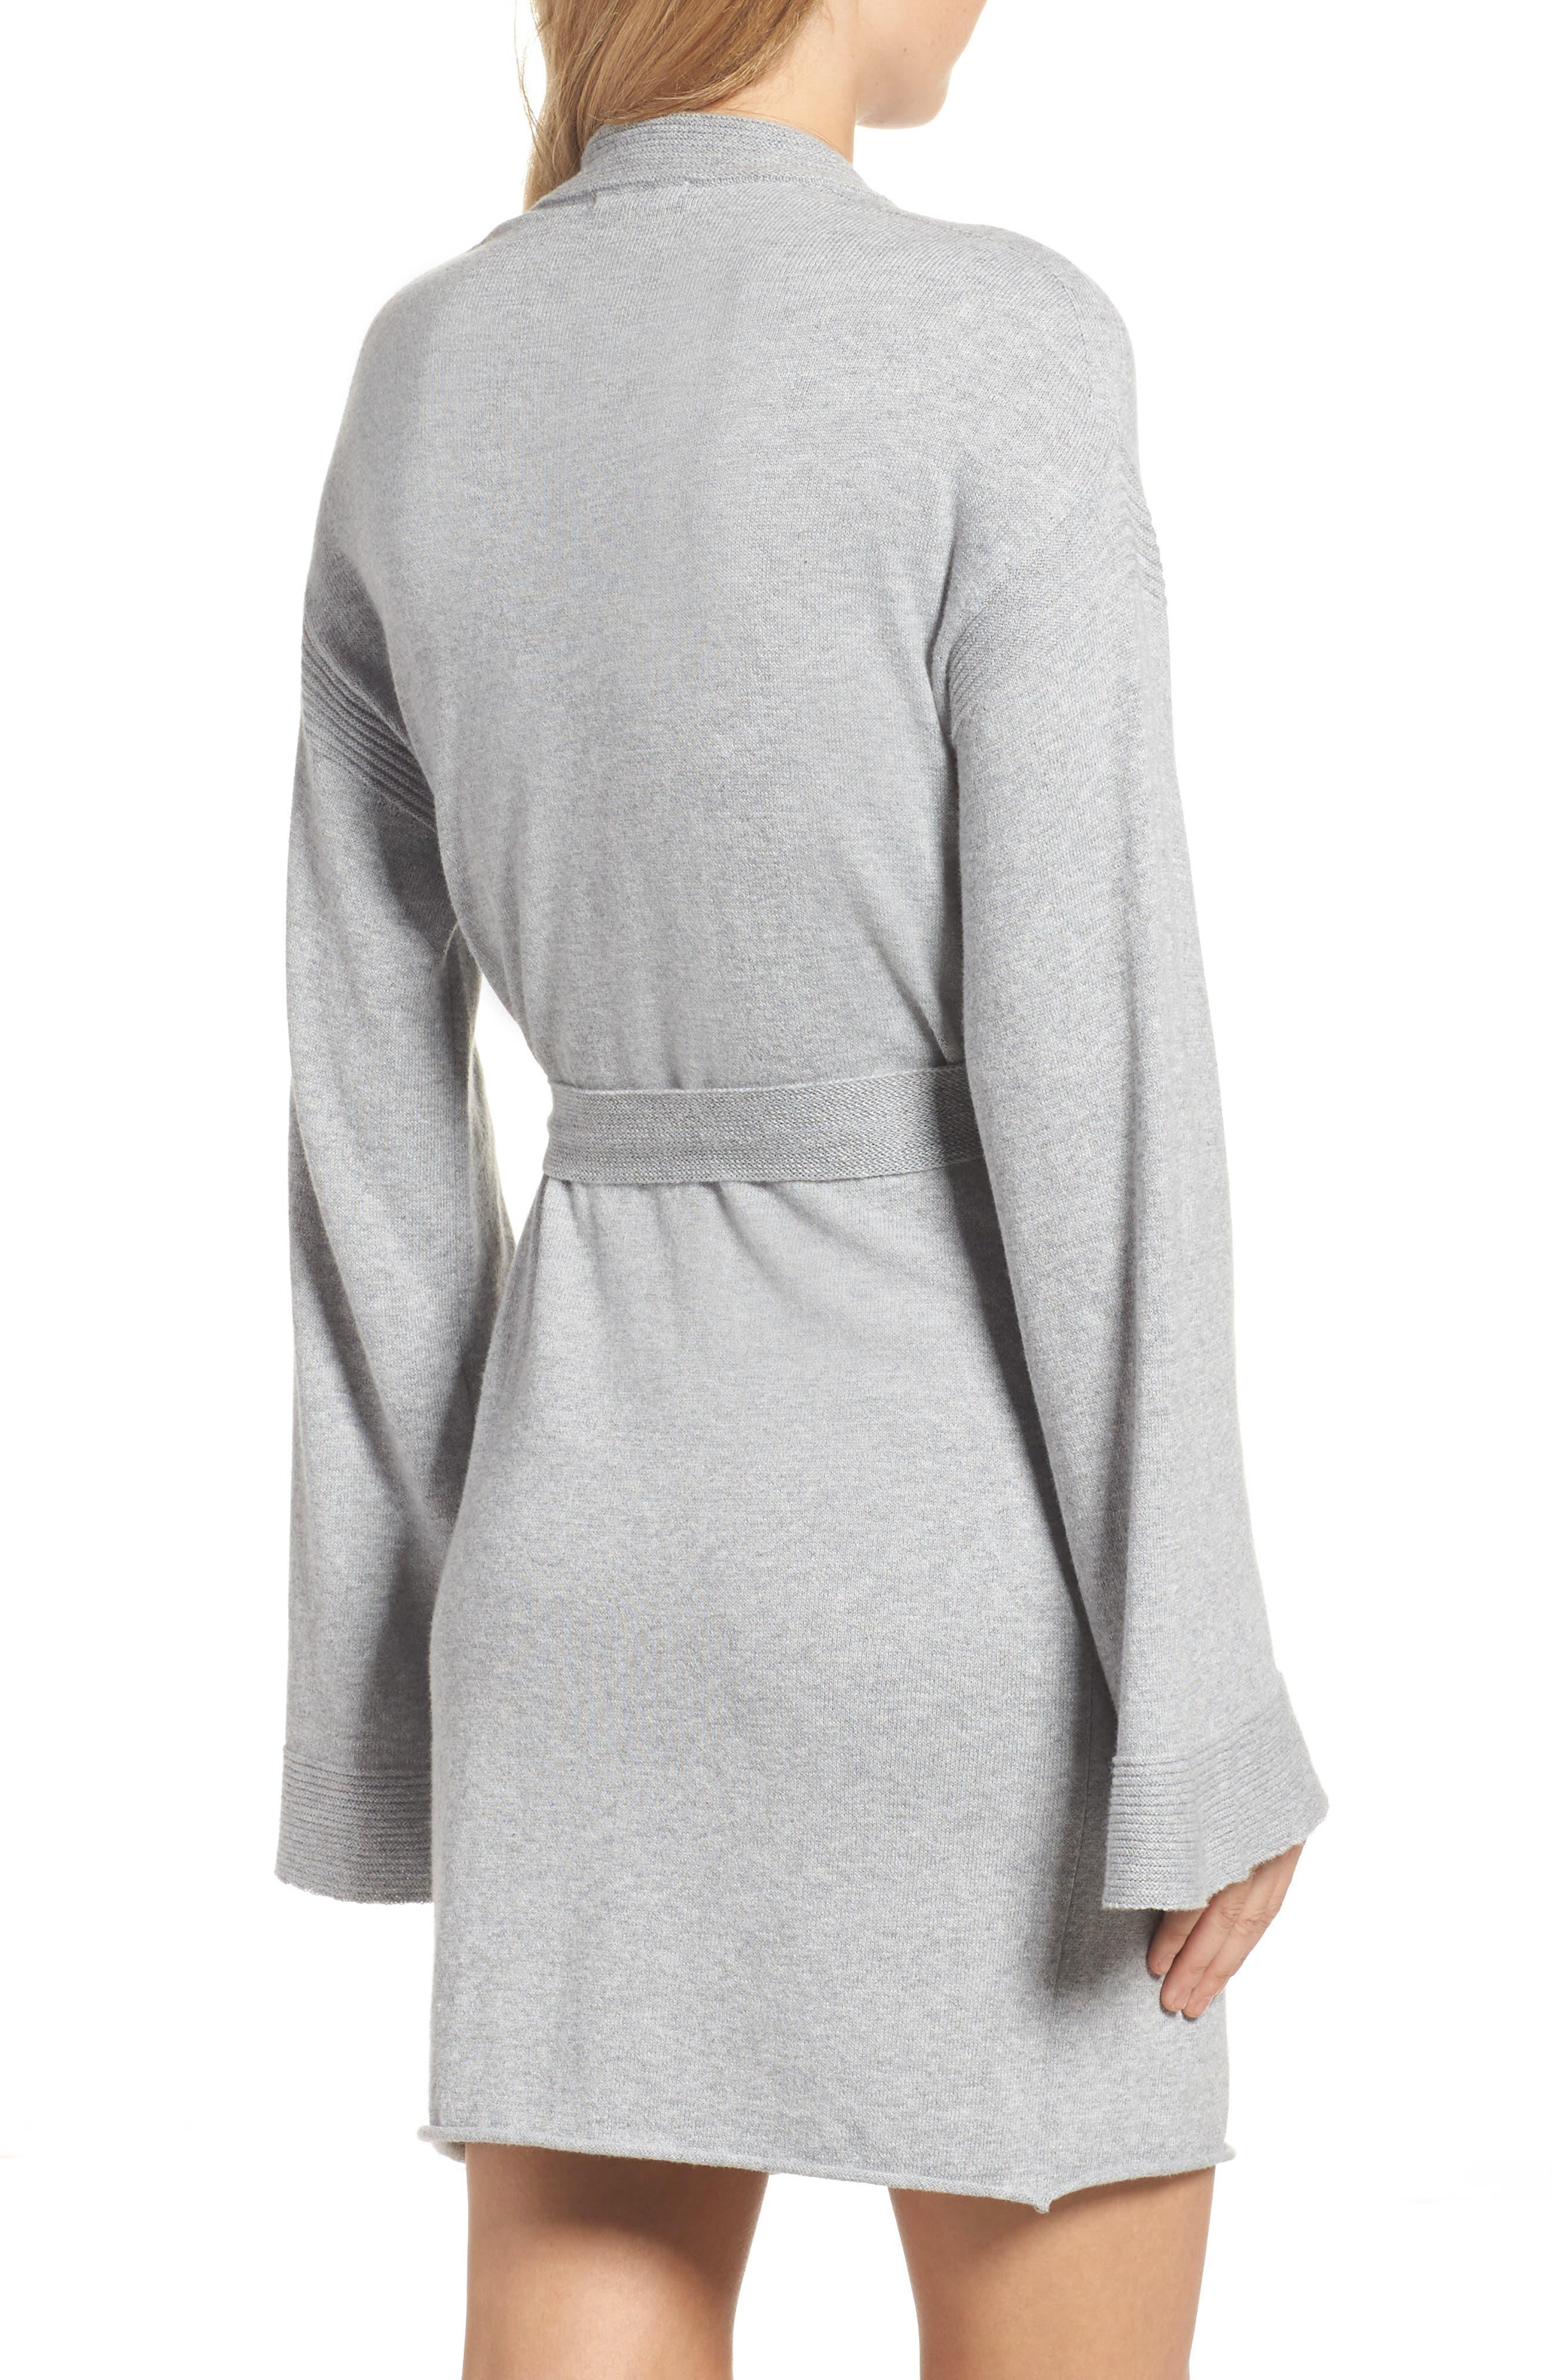 Valoria Short Robe,                             Alternate thumbnail 2, color,                             020